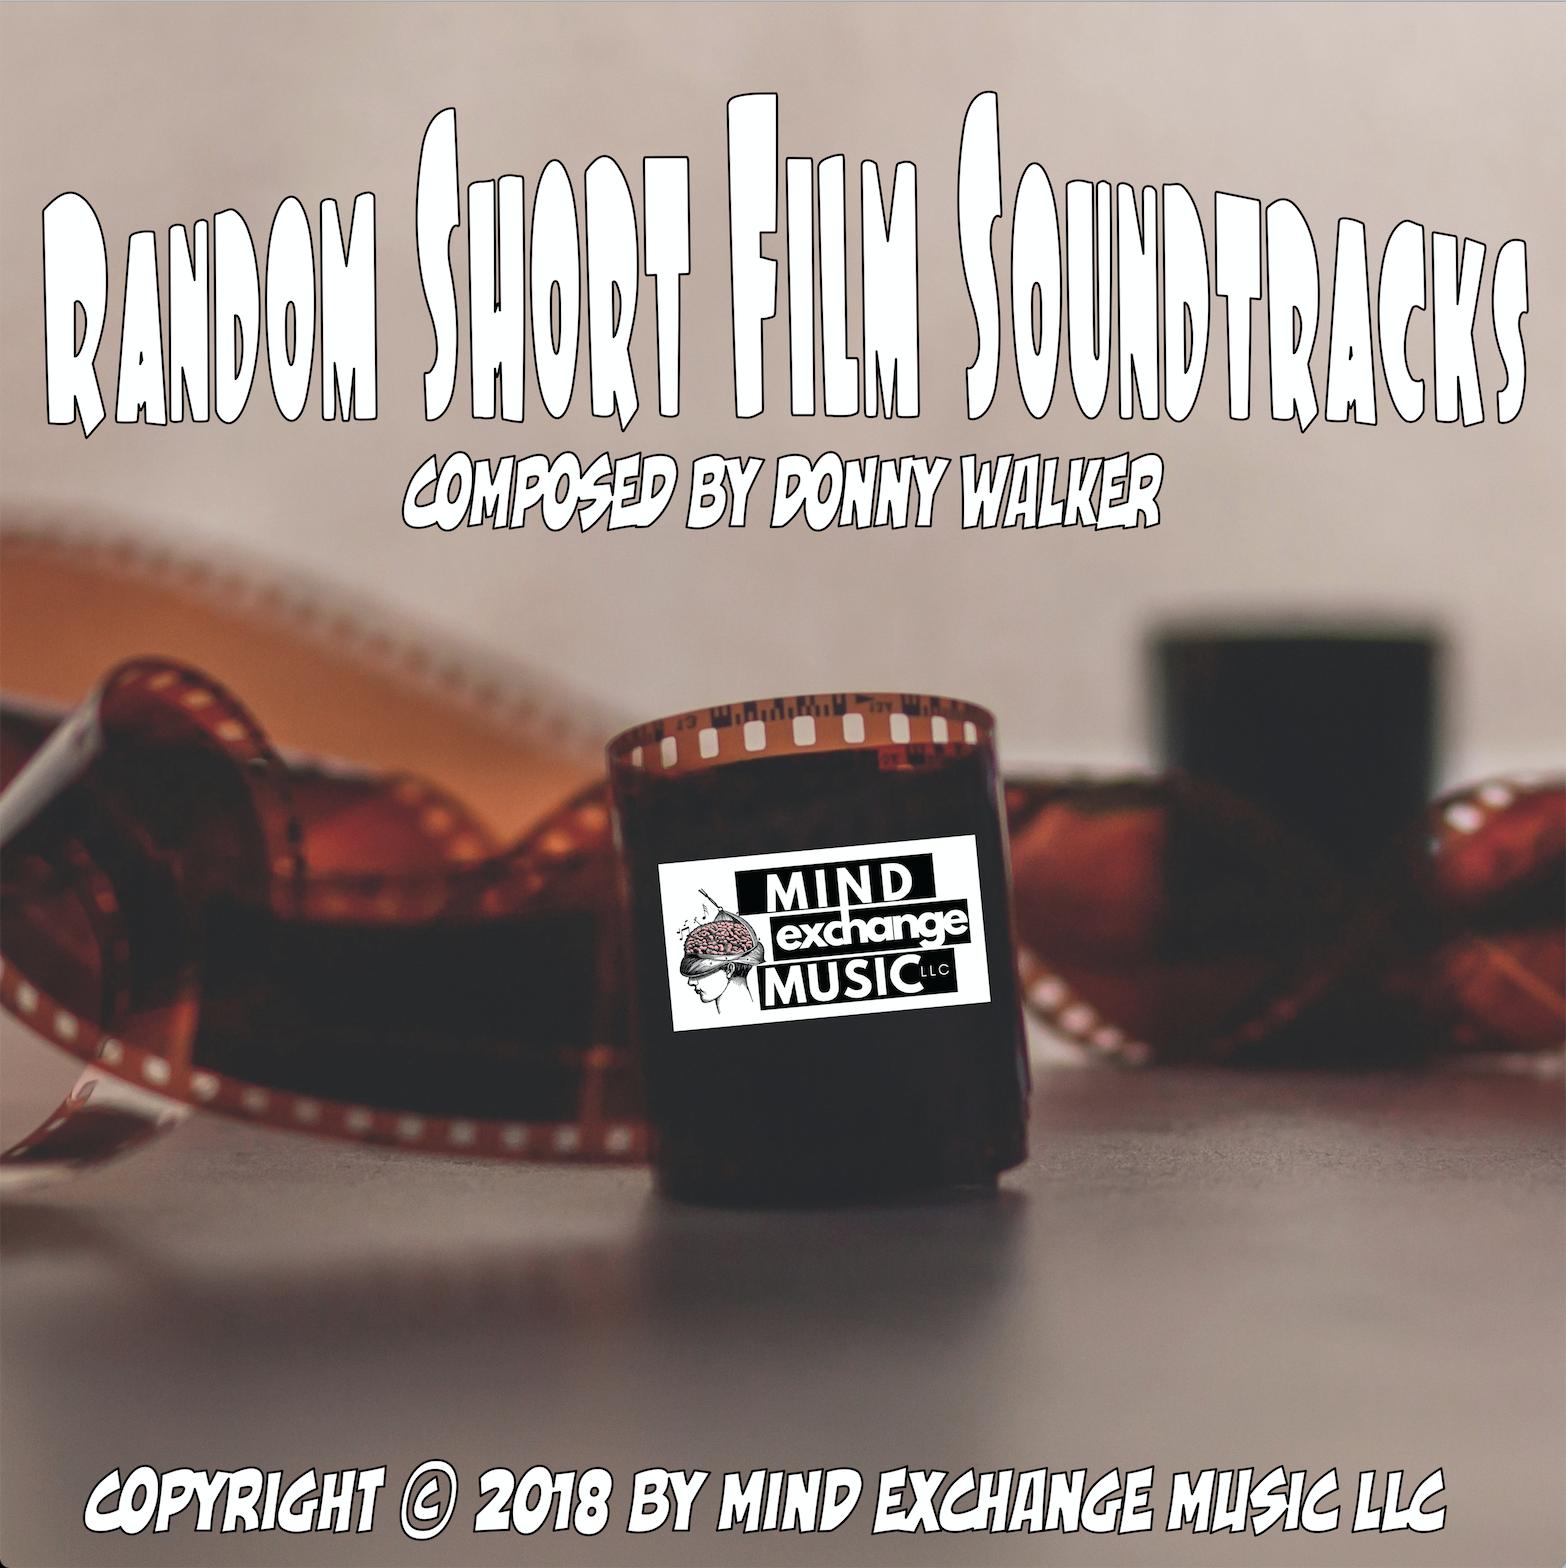 Mind Exchange Music's Soundtrack Random Short Film Soundtracks